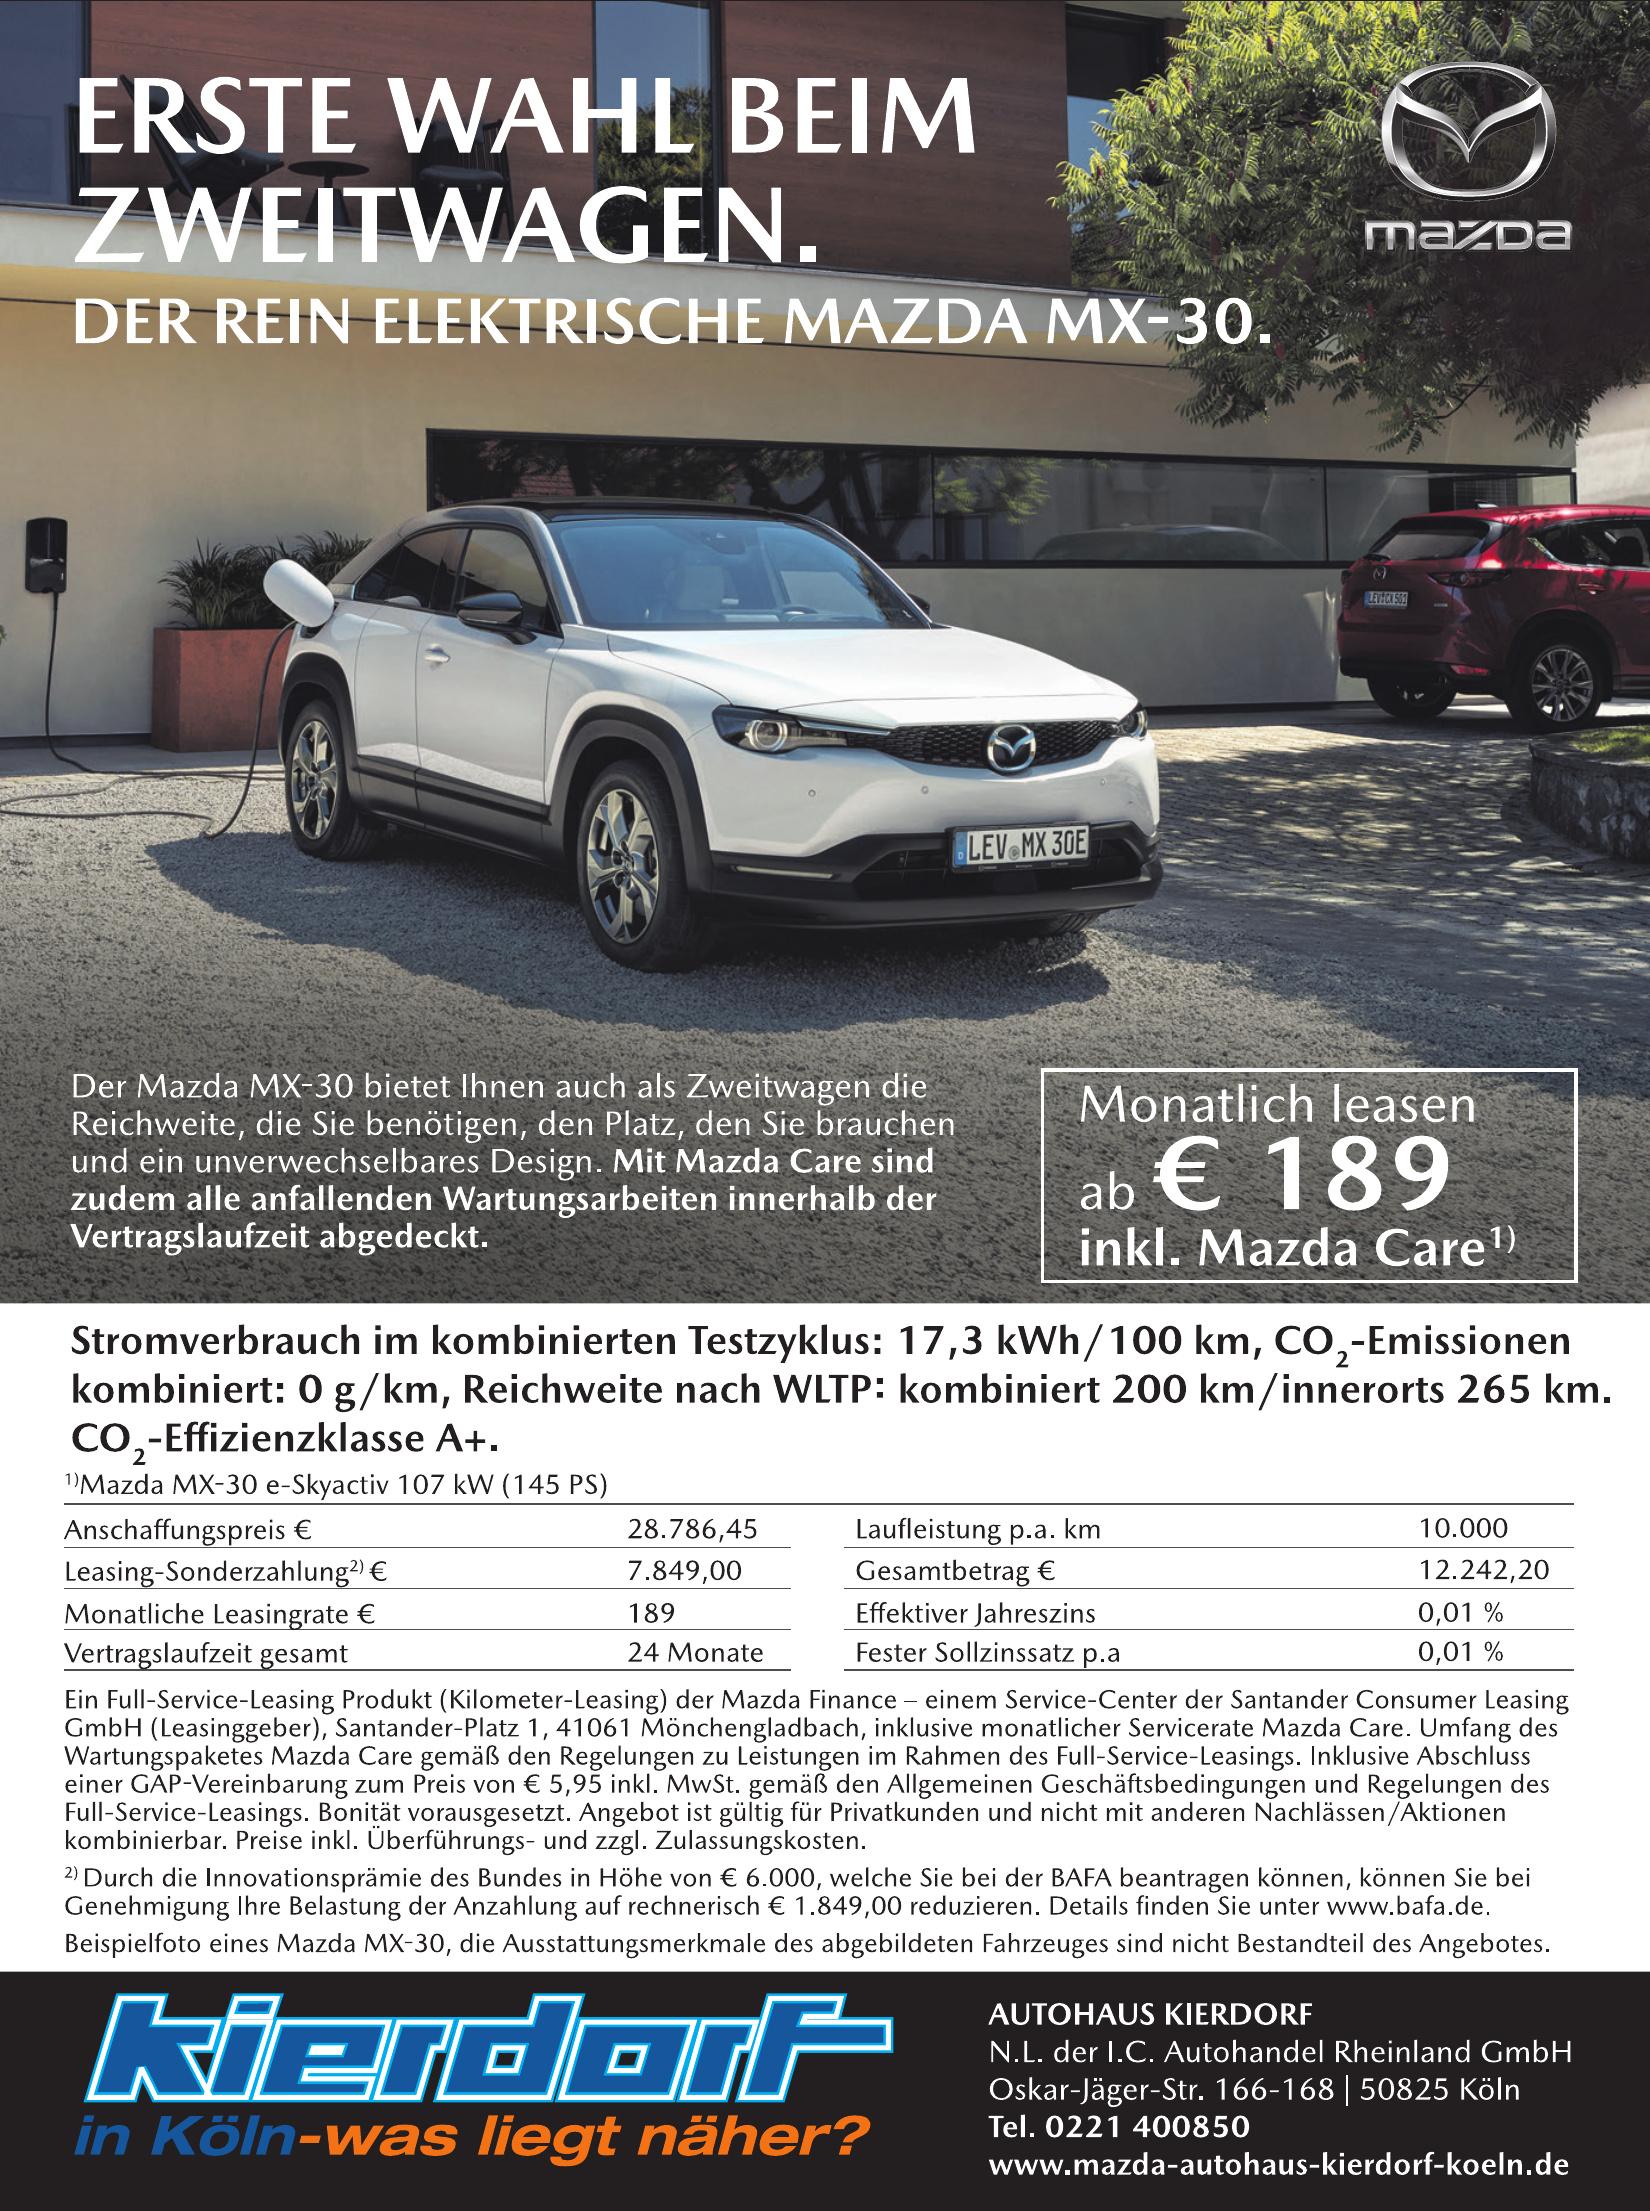 Autohaus Kierdorf - NL der I.C. Autohandel Rheinland GmbH